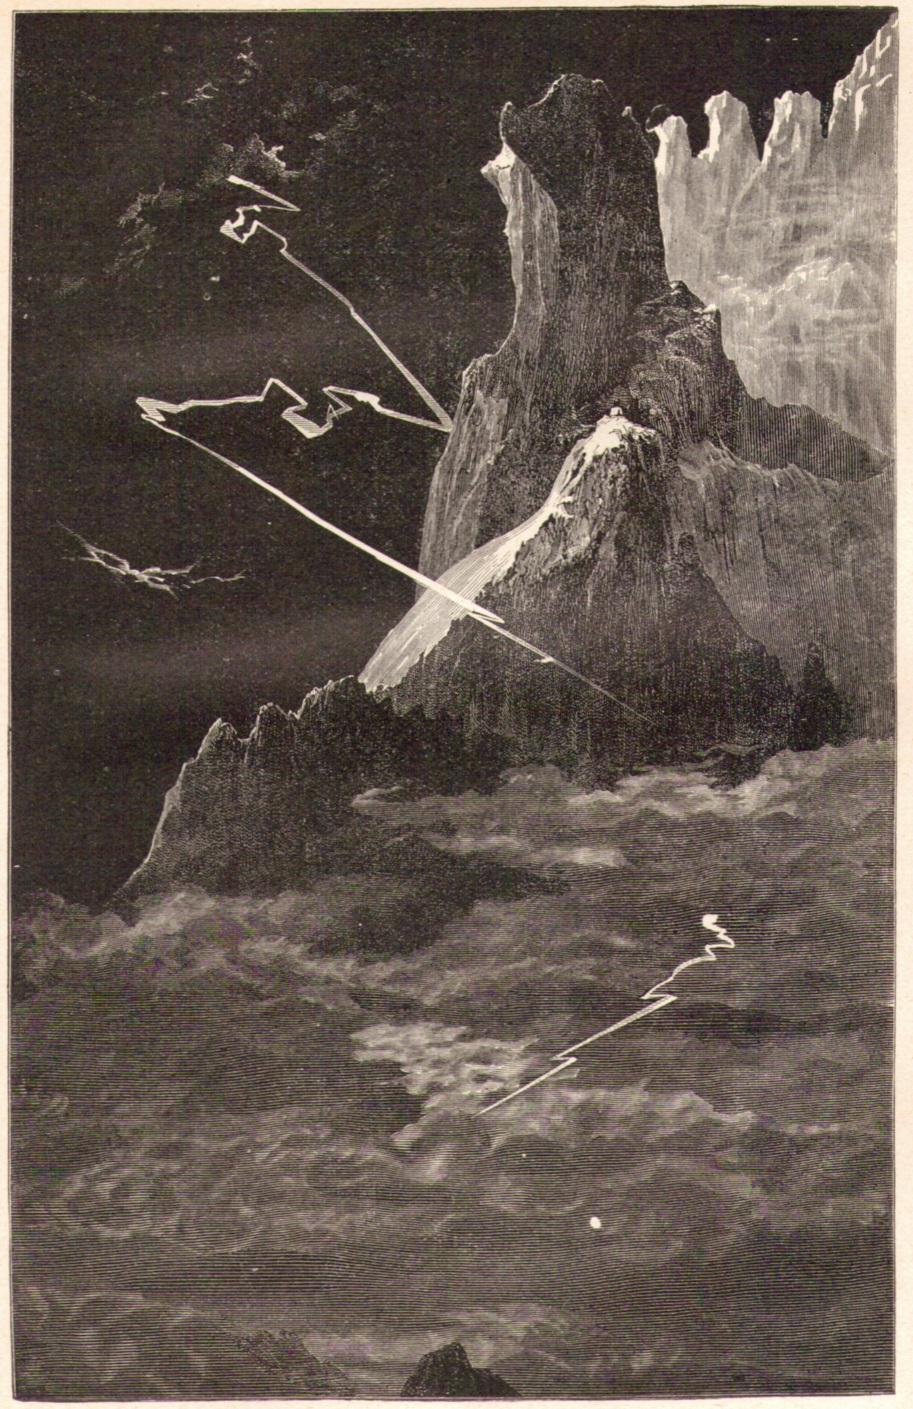 Edward Whymper05 Gewitter am Matterhorn am 10 August 1863p.jpg